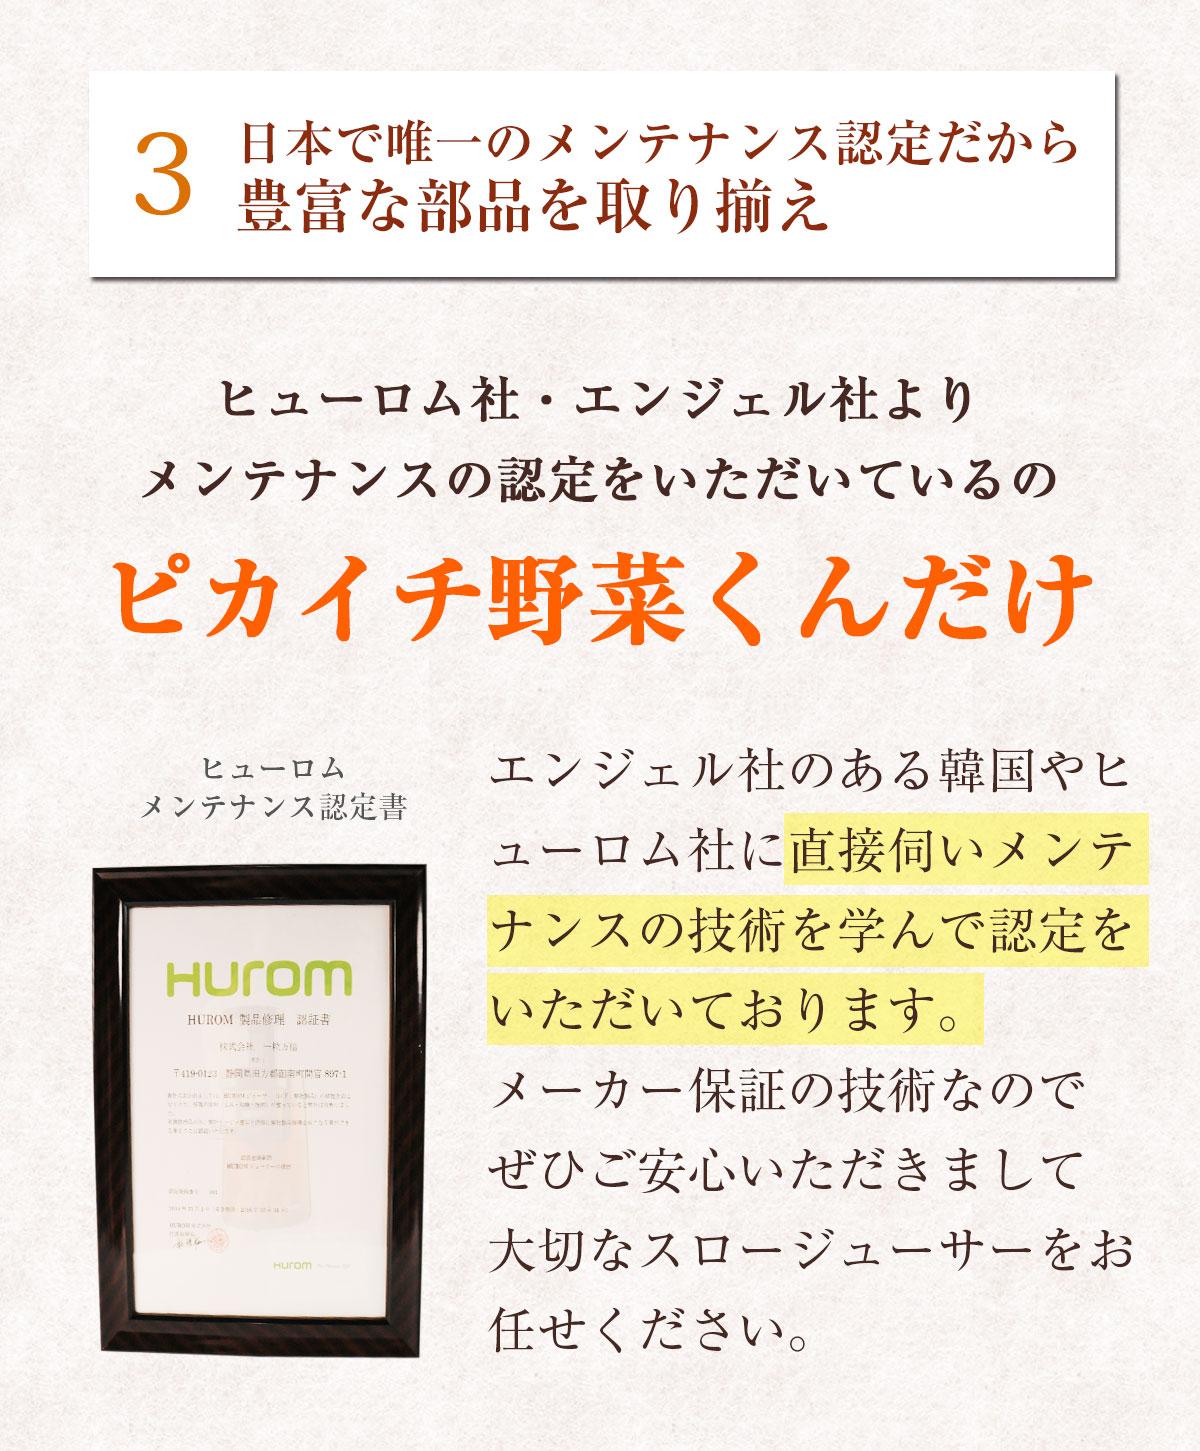 日本で唯一のメンテナンス認定